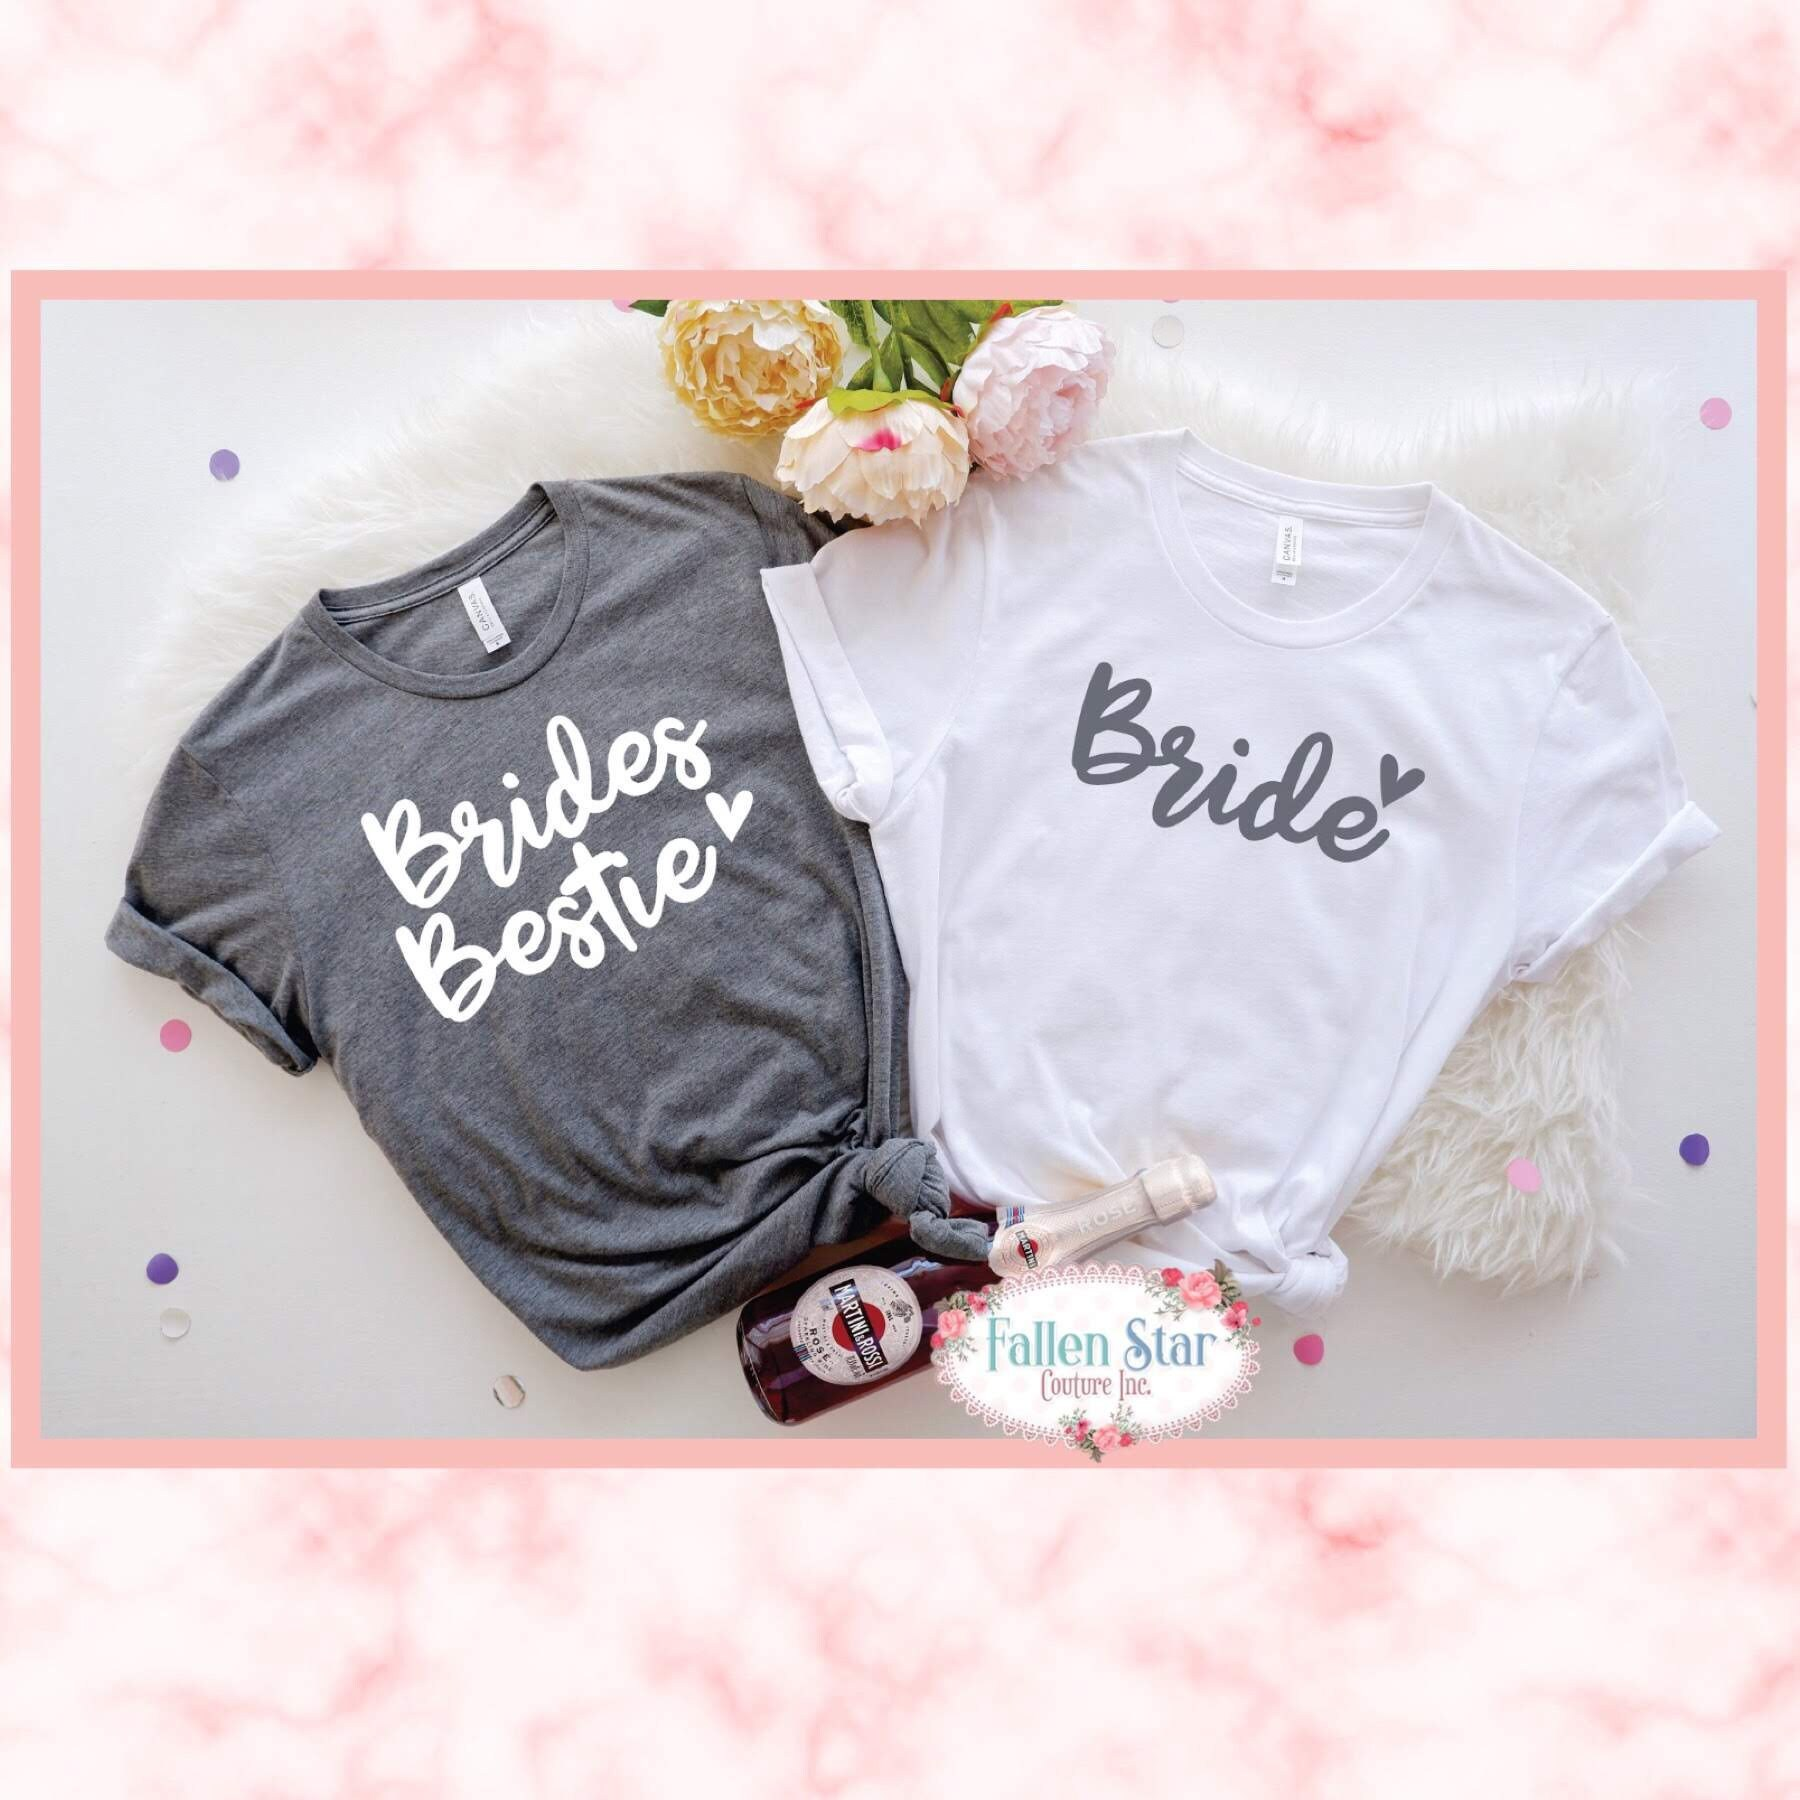 da9643cabe3d Bridesmaid Shirt, Bridesmaid Proposal, Maid of Honor Shirt, Bride ...